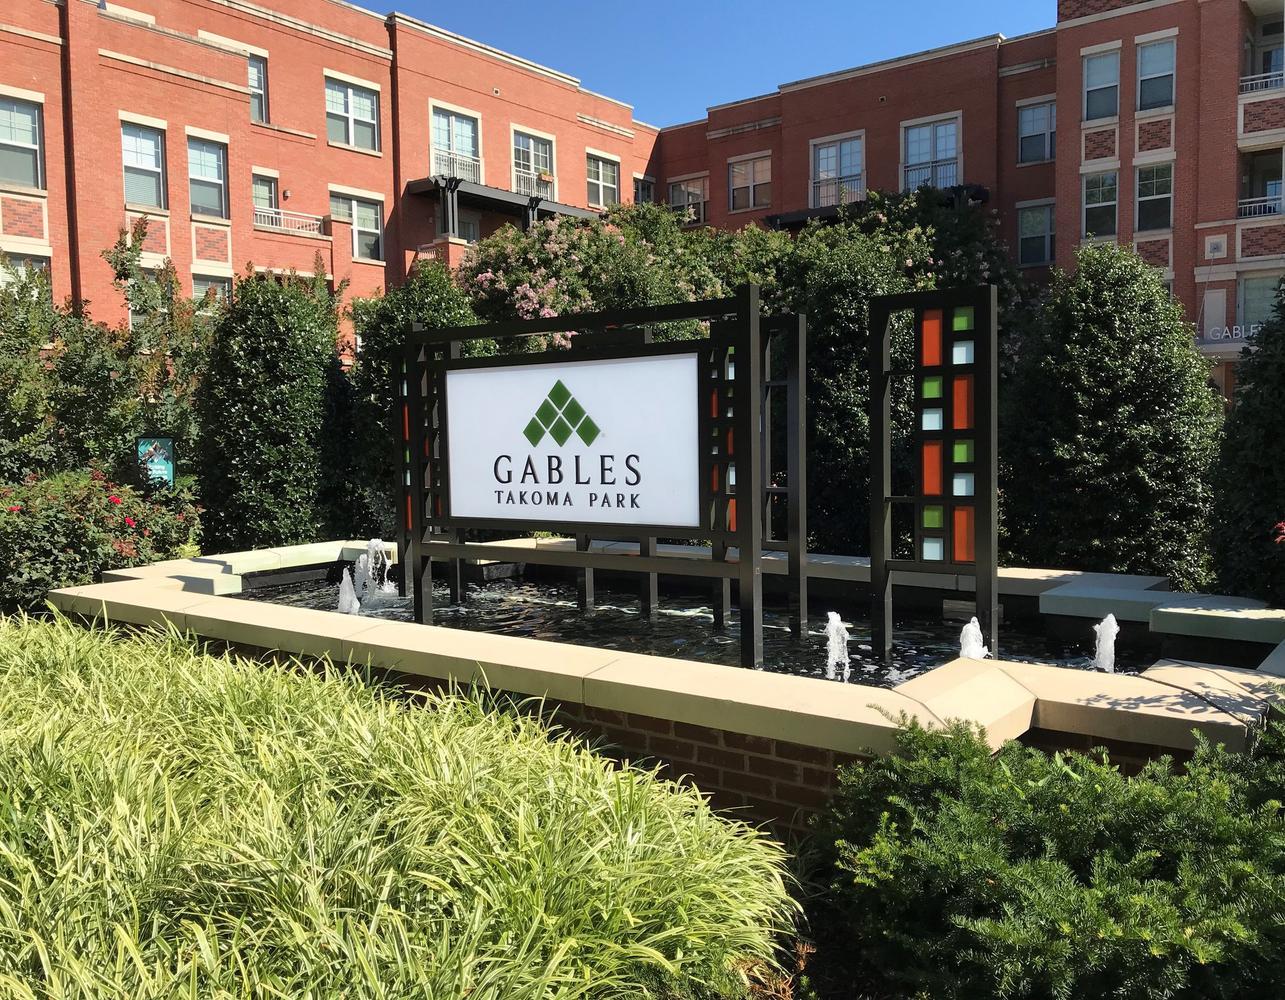 Gables Takoma Park | Gables Residential Communities